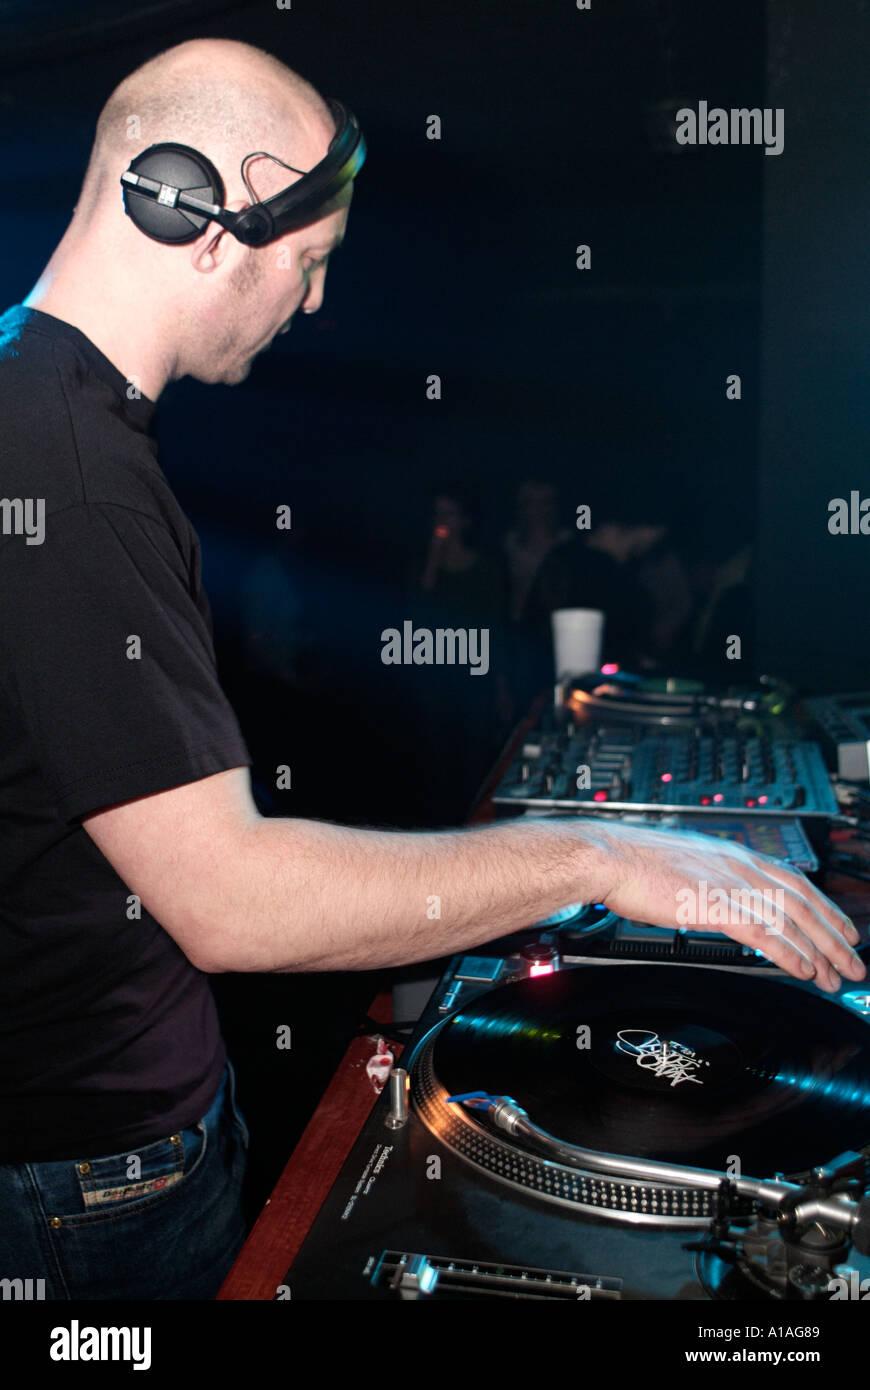 Tomislav DJ Jouant un Set dans un club Photo Stock